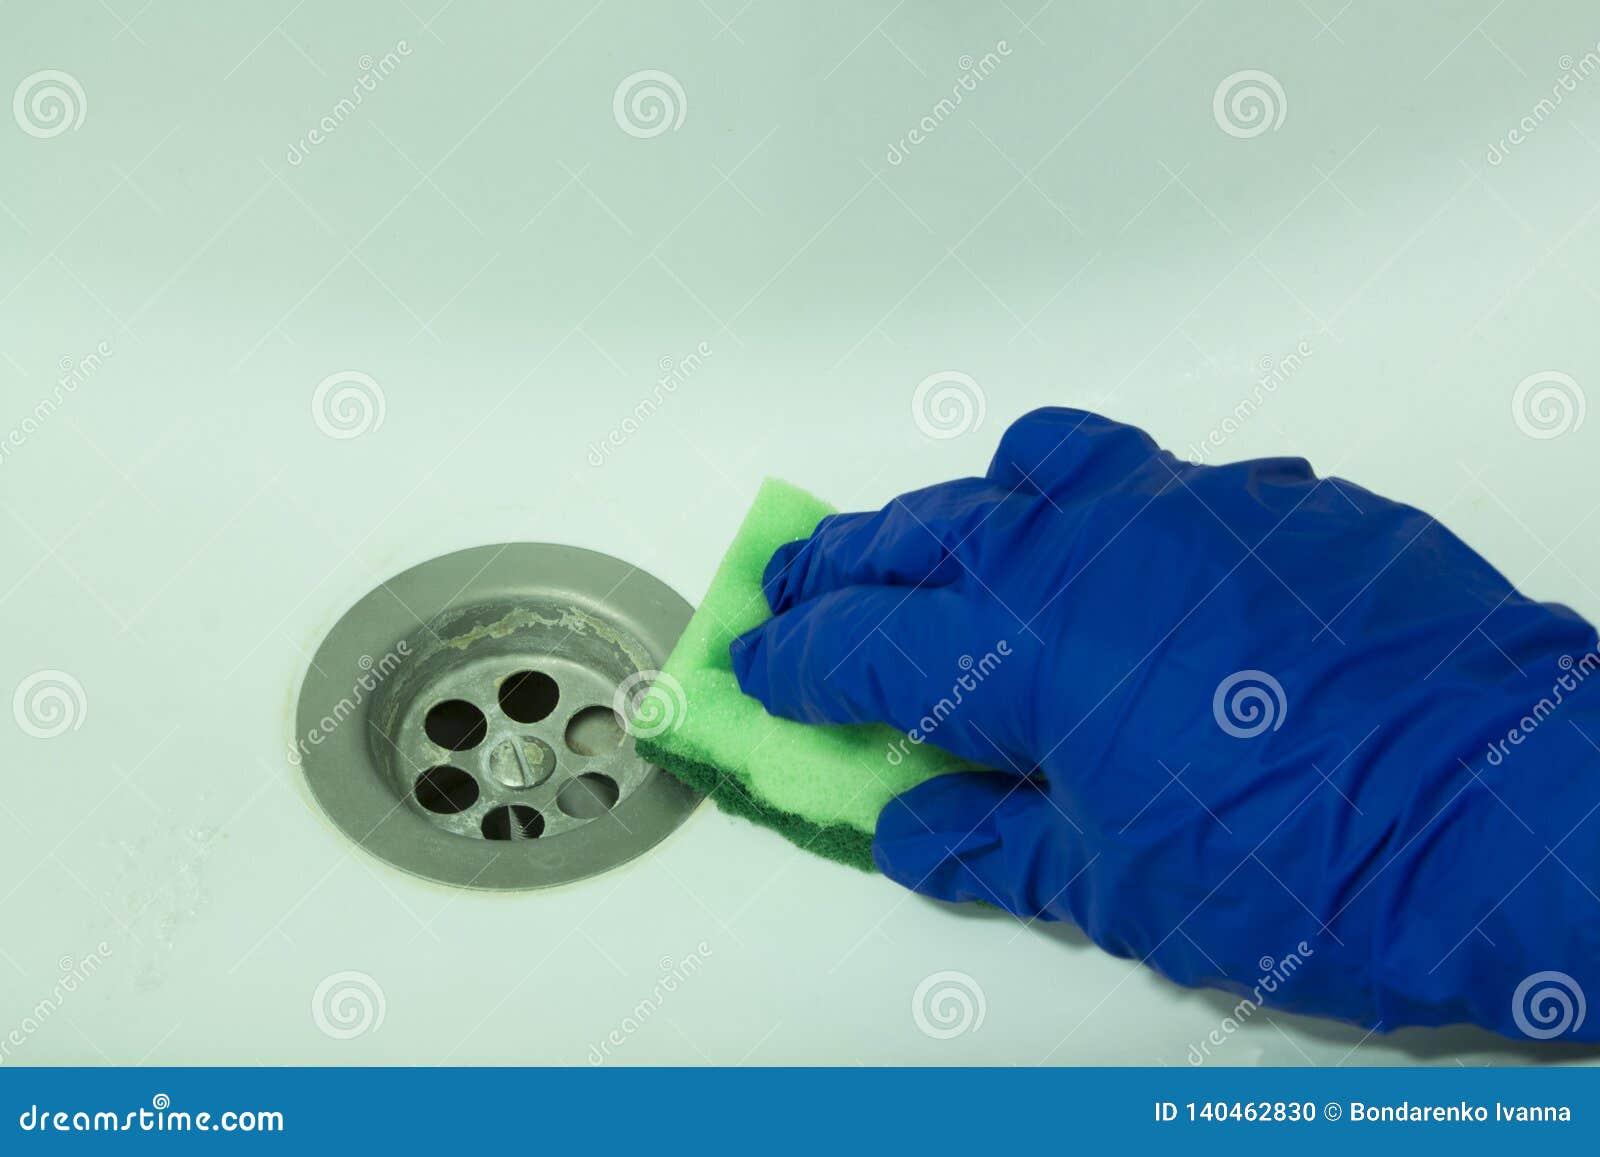 Παραδώστε τα μπλε γάντια ασφάλειας με ένα σφουγγάρι που καθαρίζει έναν νεροχύτη λουτρών